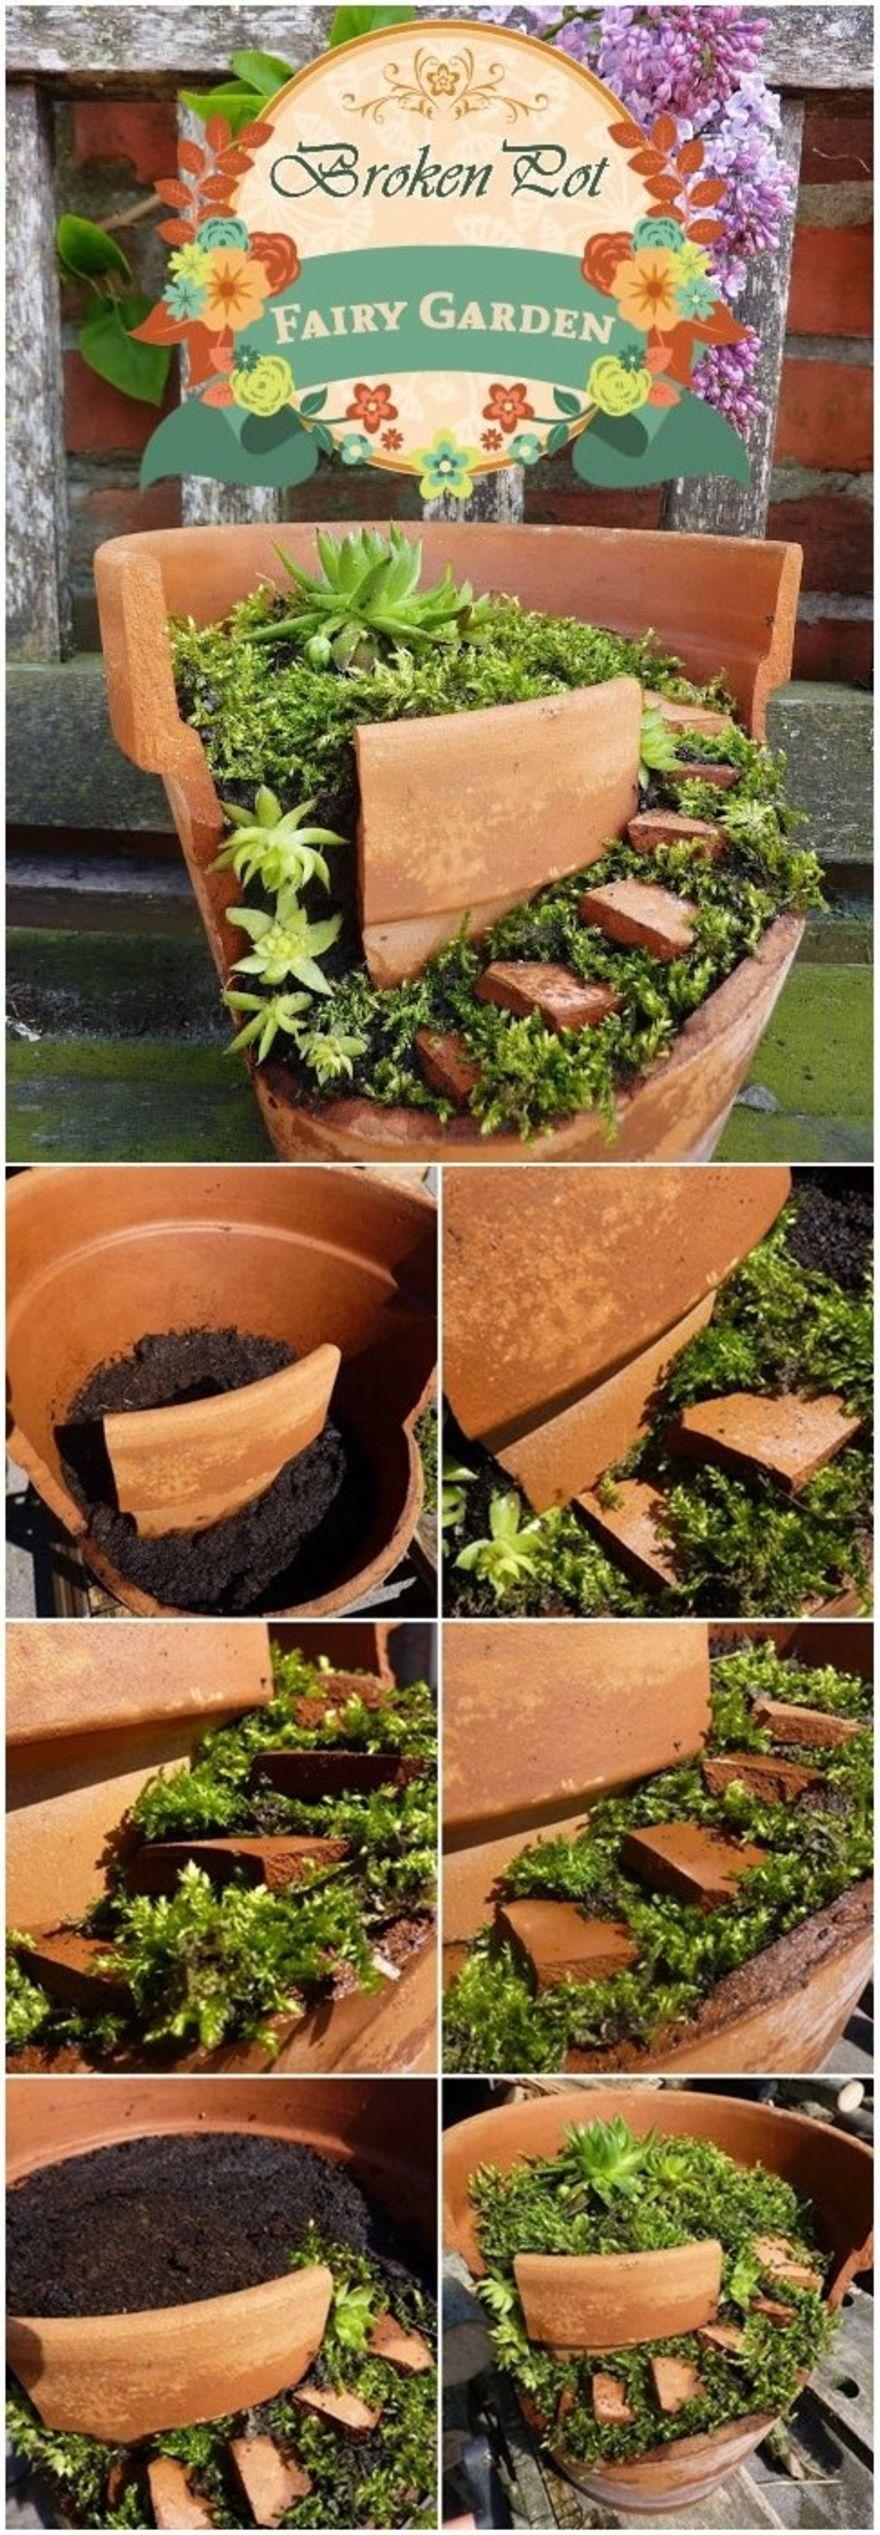 Make A DIY Broken Pot Fairy Garden! | Fairy gardens | Pinterest